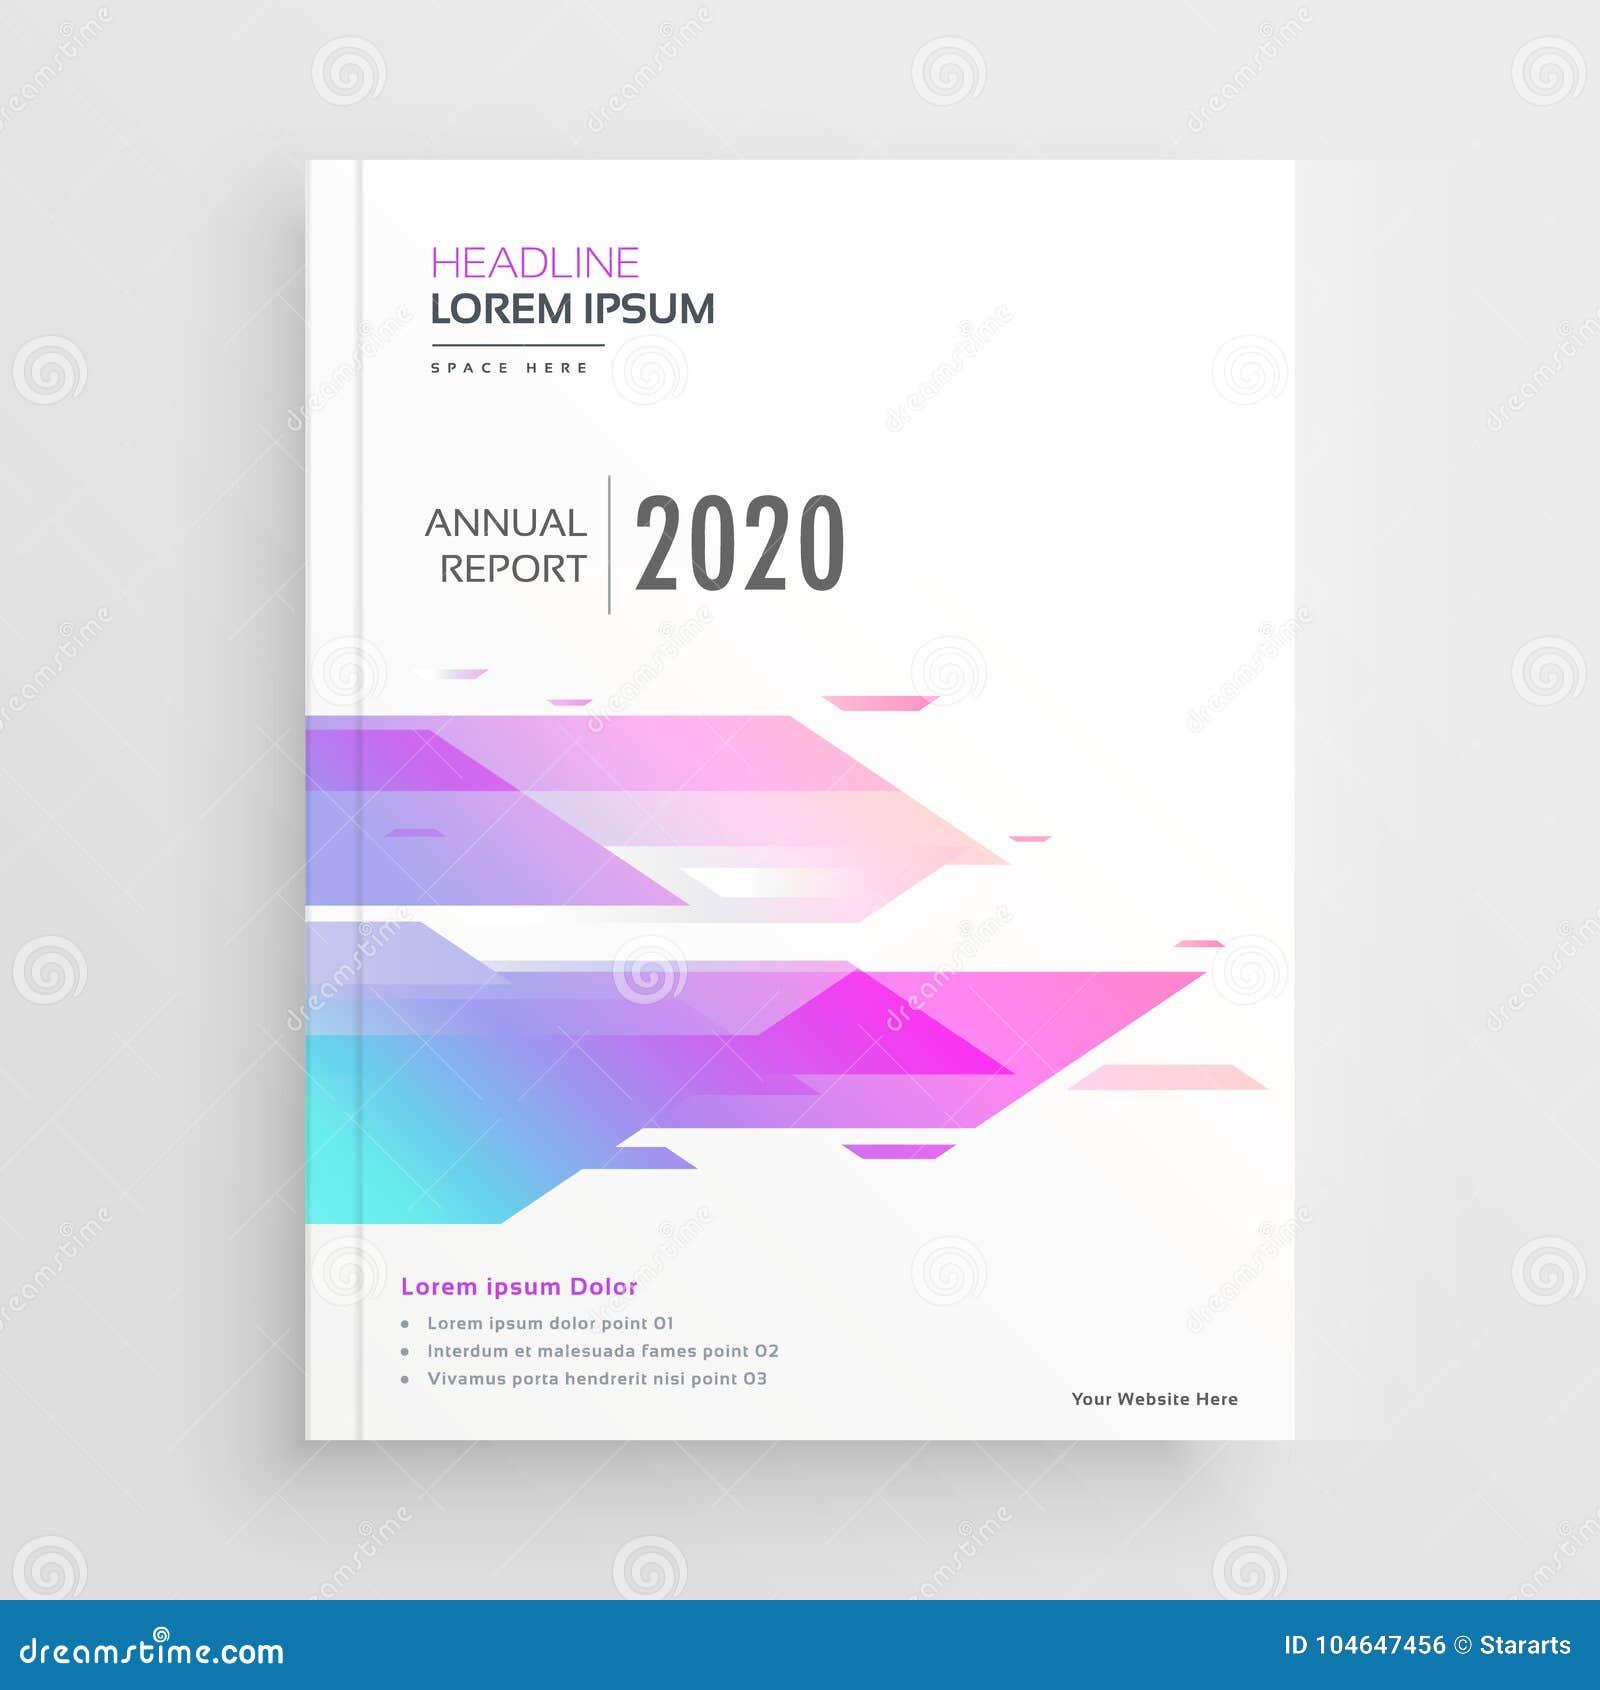 充满活力的抽象形状公司企业小册子设计模板